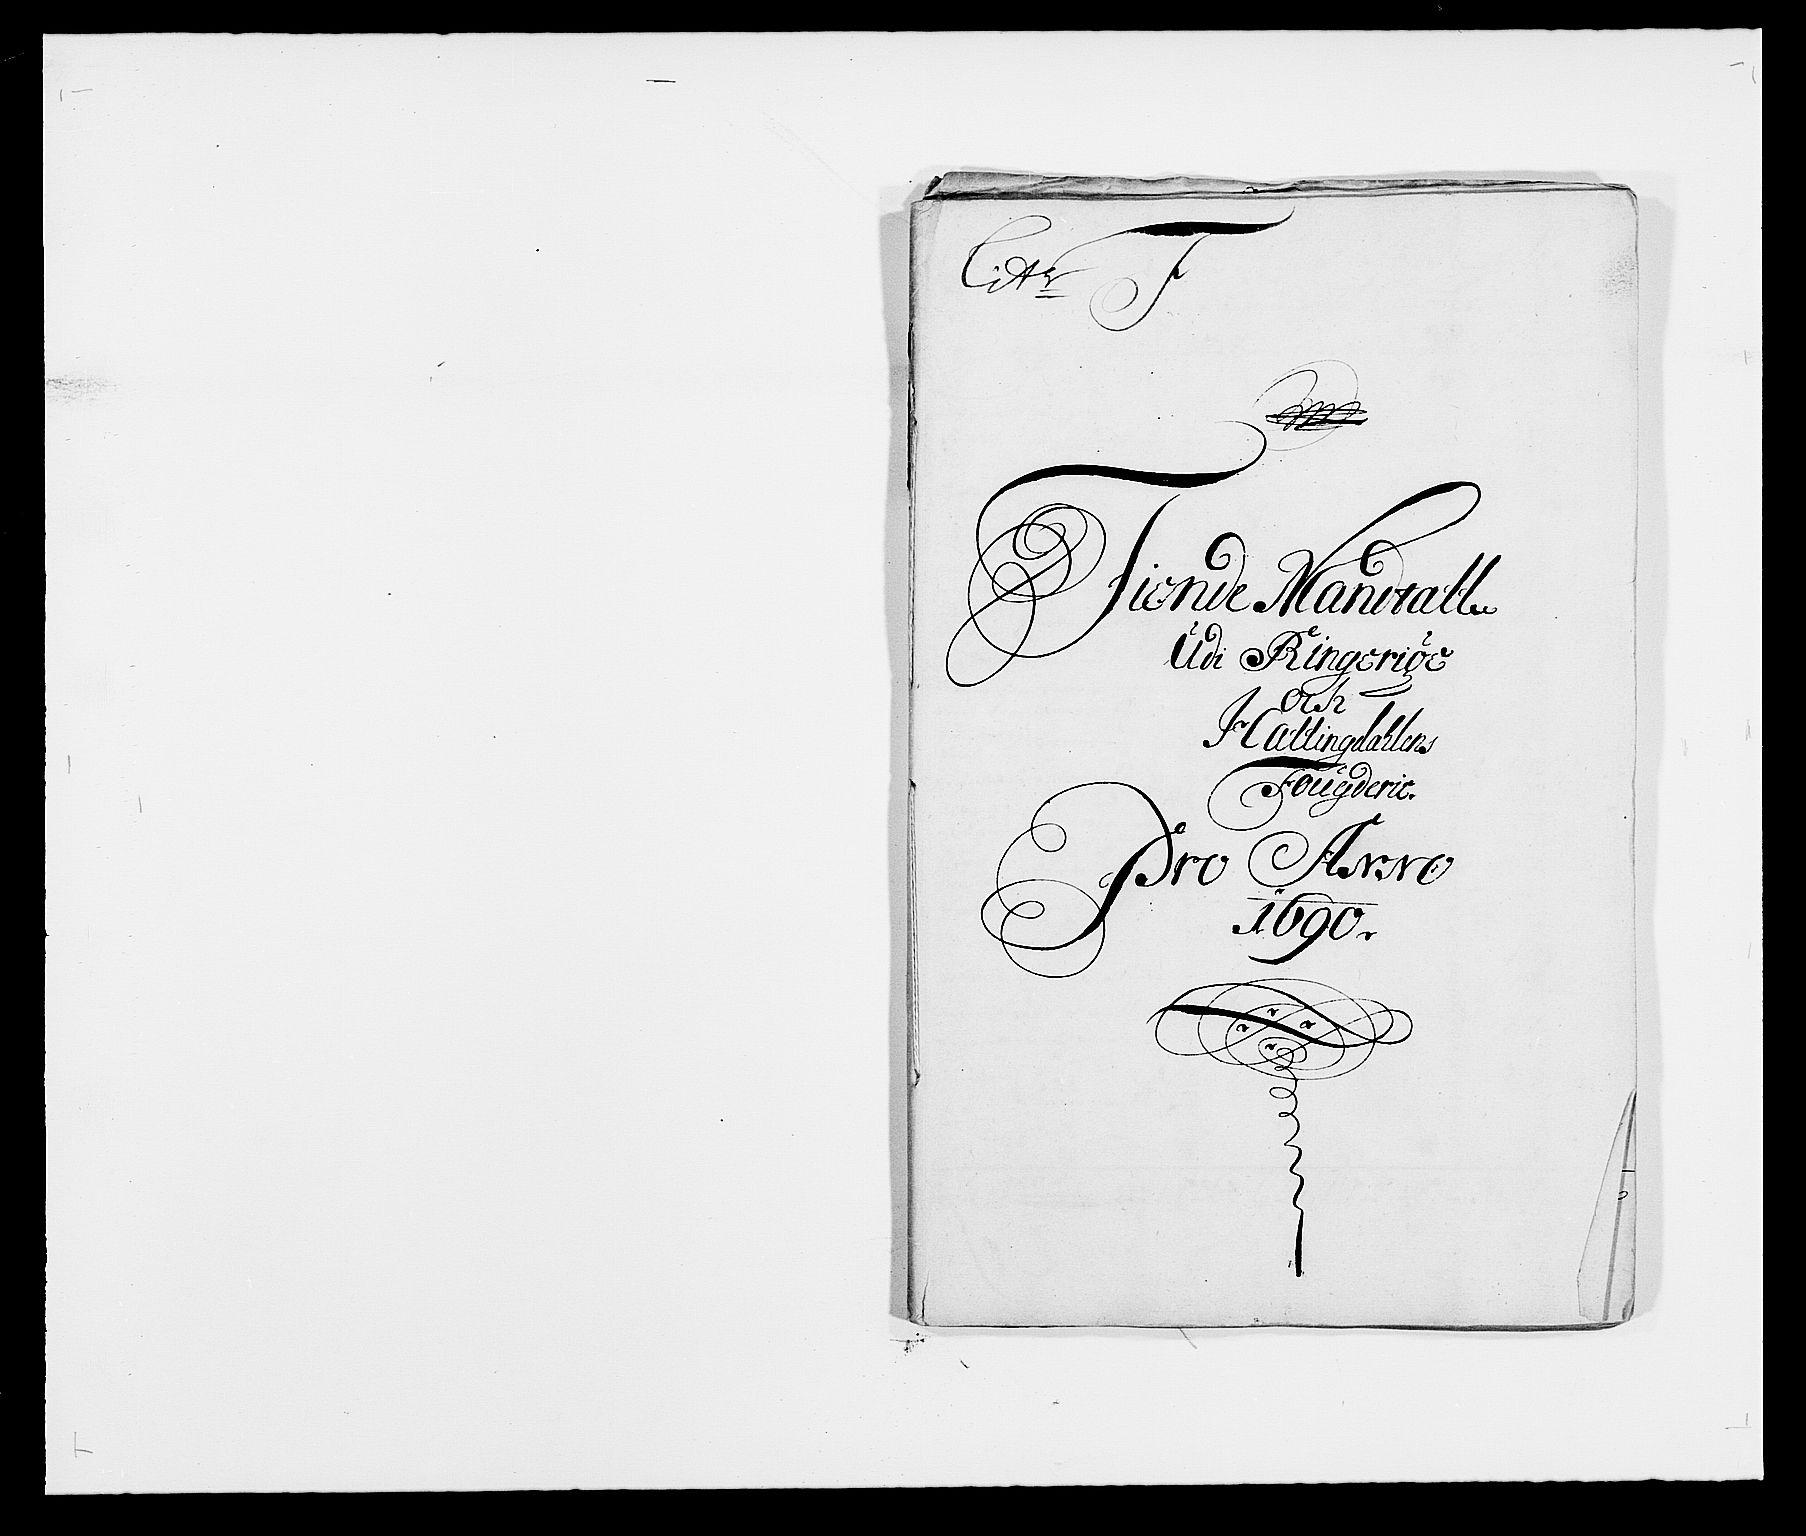 RA, Rentekammeret inntil 1814, Reviderte regnskaper, Fogderegnskap, R21/L1448: Fogderegnskap Ringerike og Hallingdal, 1690-1692, s. 61